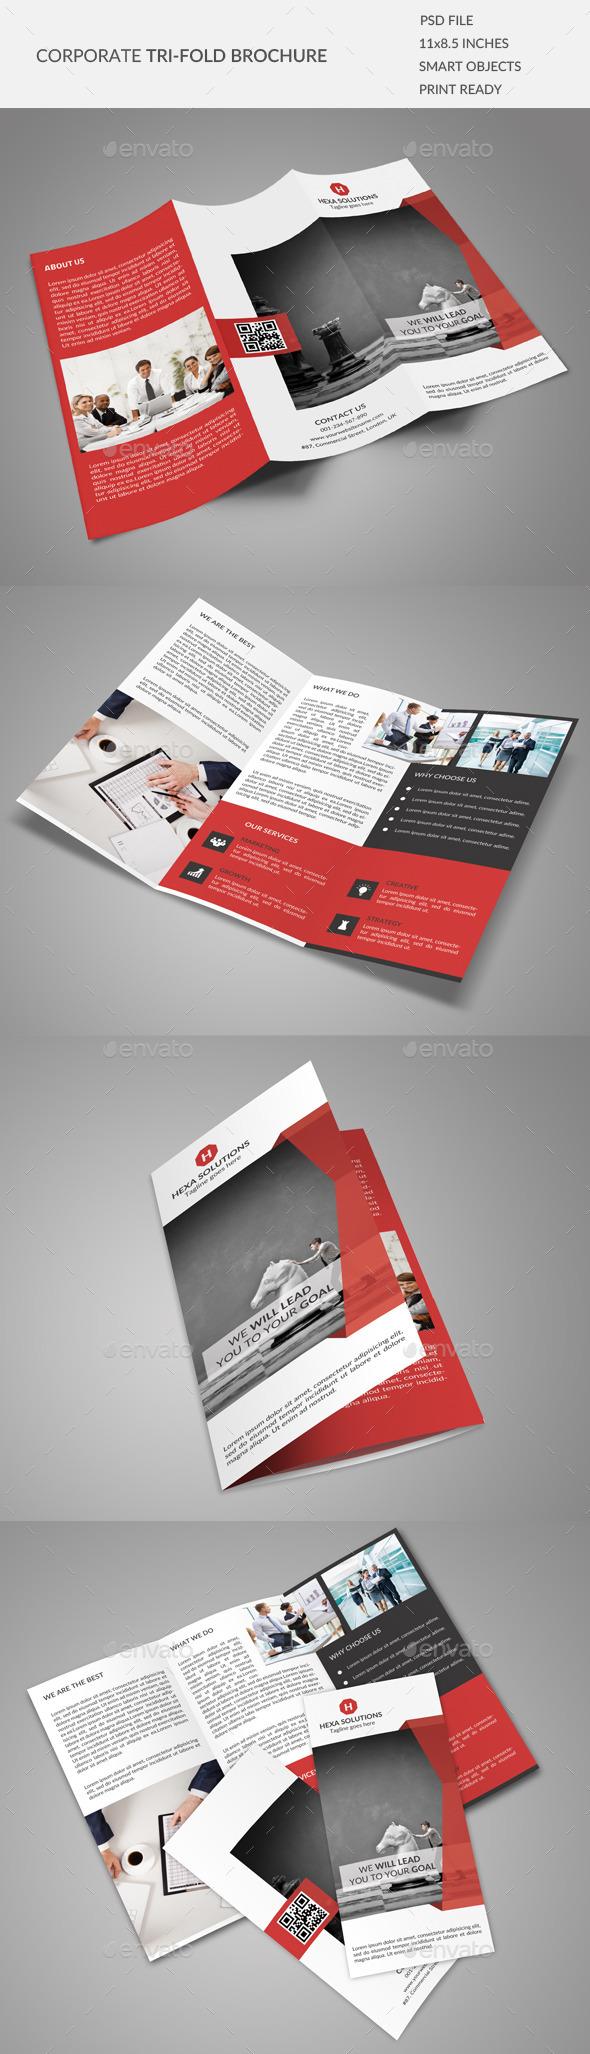 Corporate Tri-fold Brochure 02 - Corporate Brochures